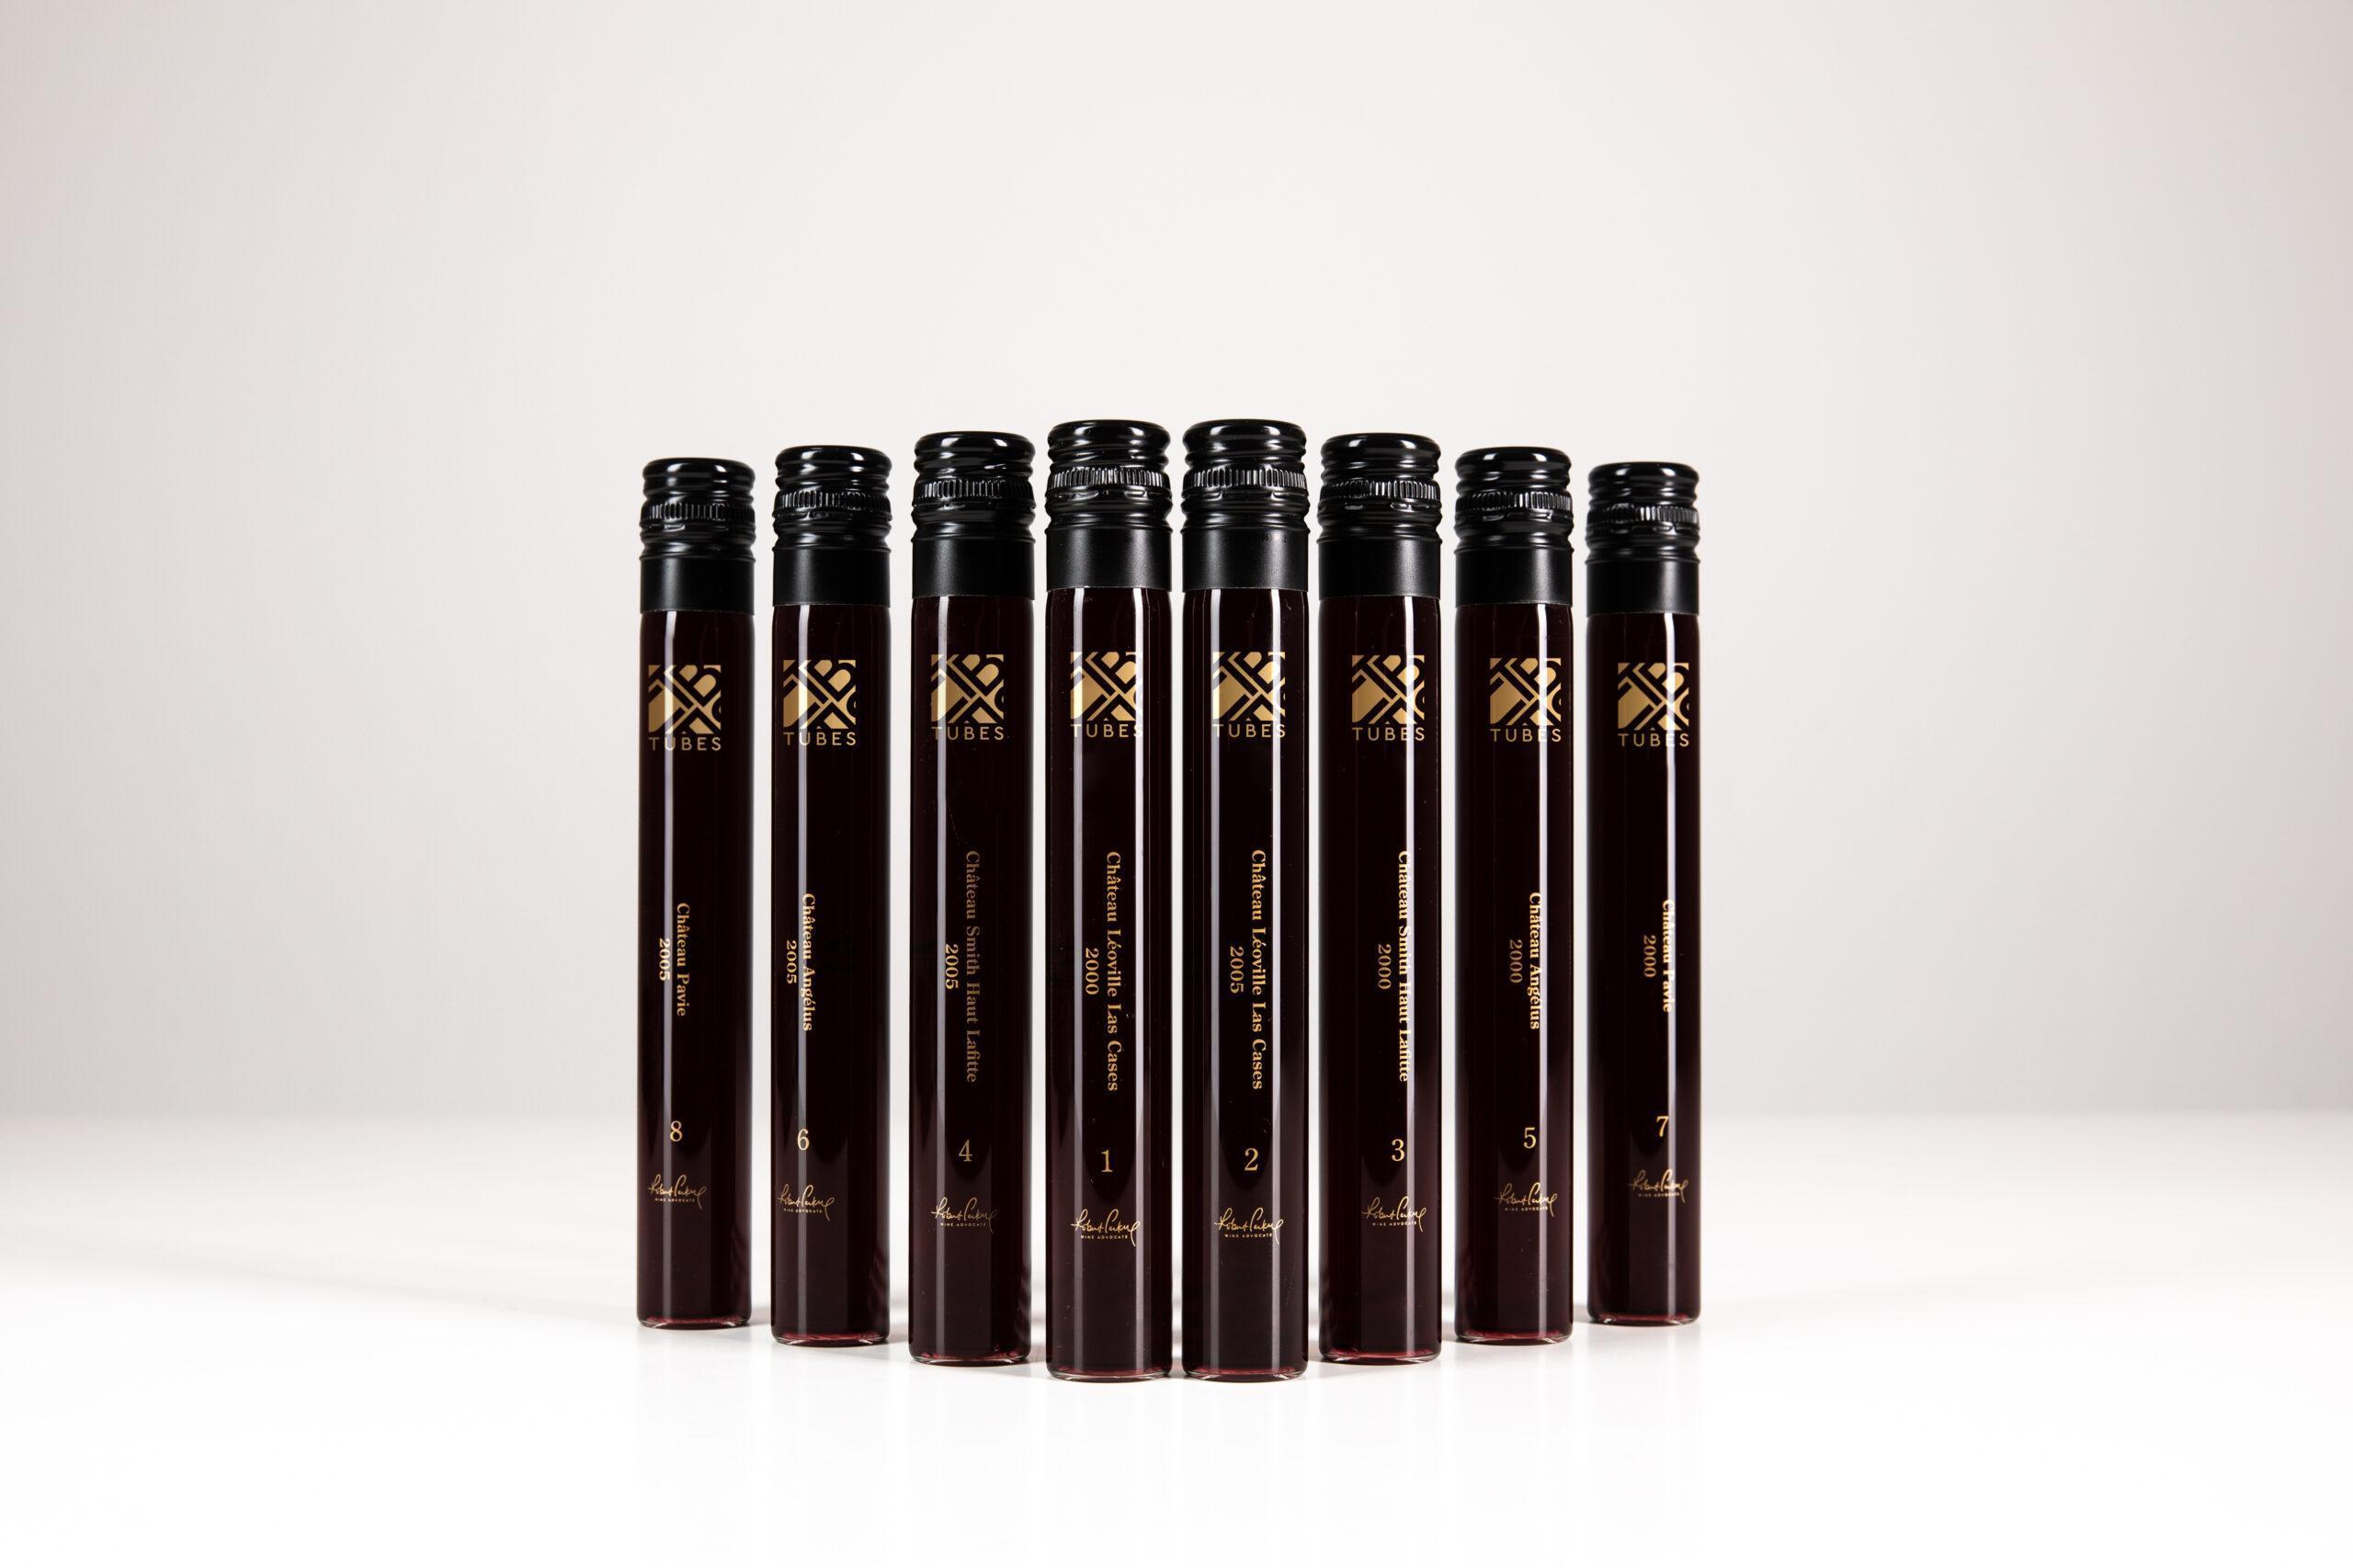 TUBES bottles 2000 and 2005 Bordeaux vintages for virtual Robert Parker tasting